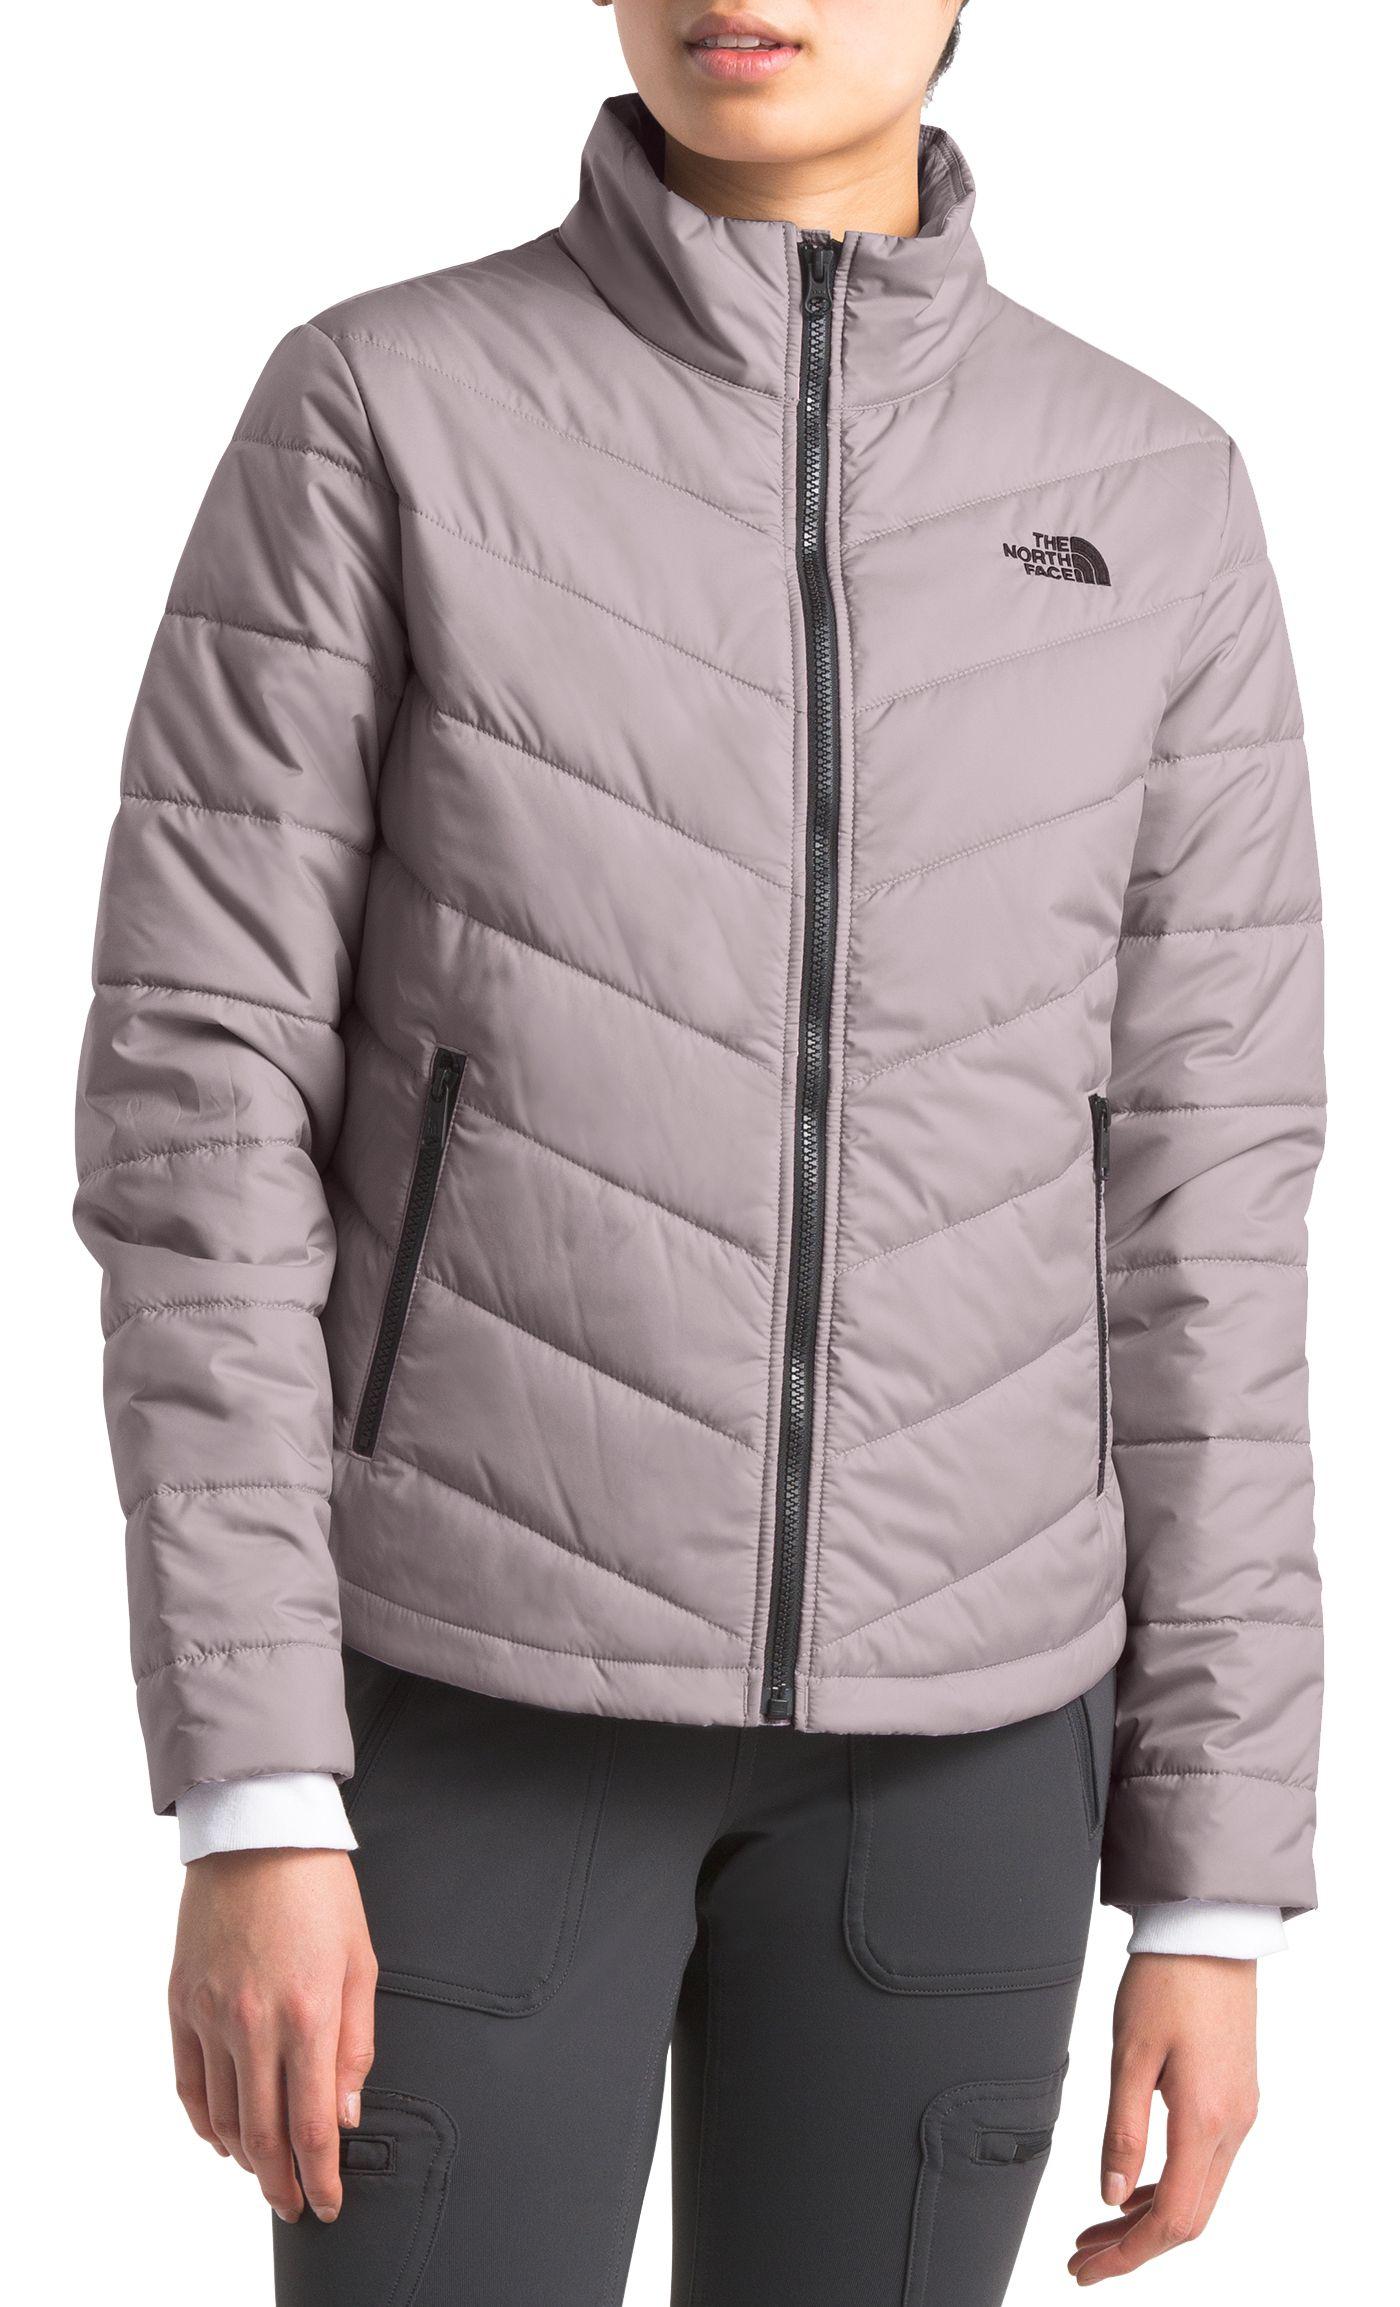 The North Face Women's Tamburello 2 Jacket